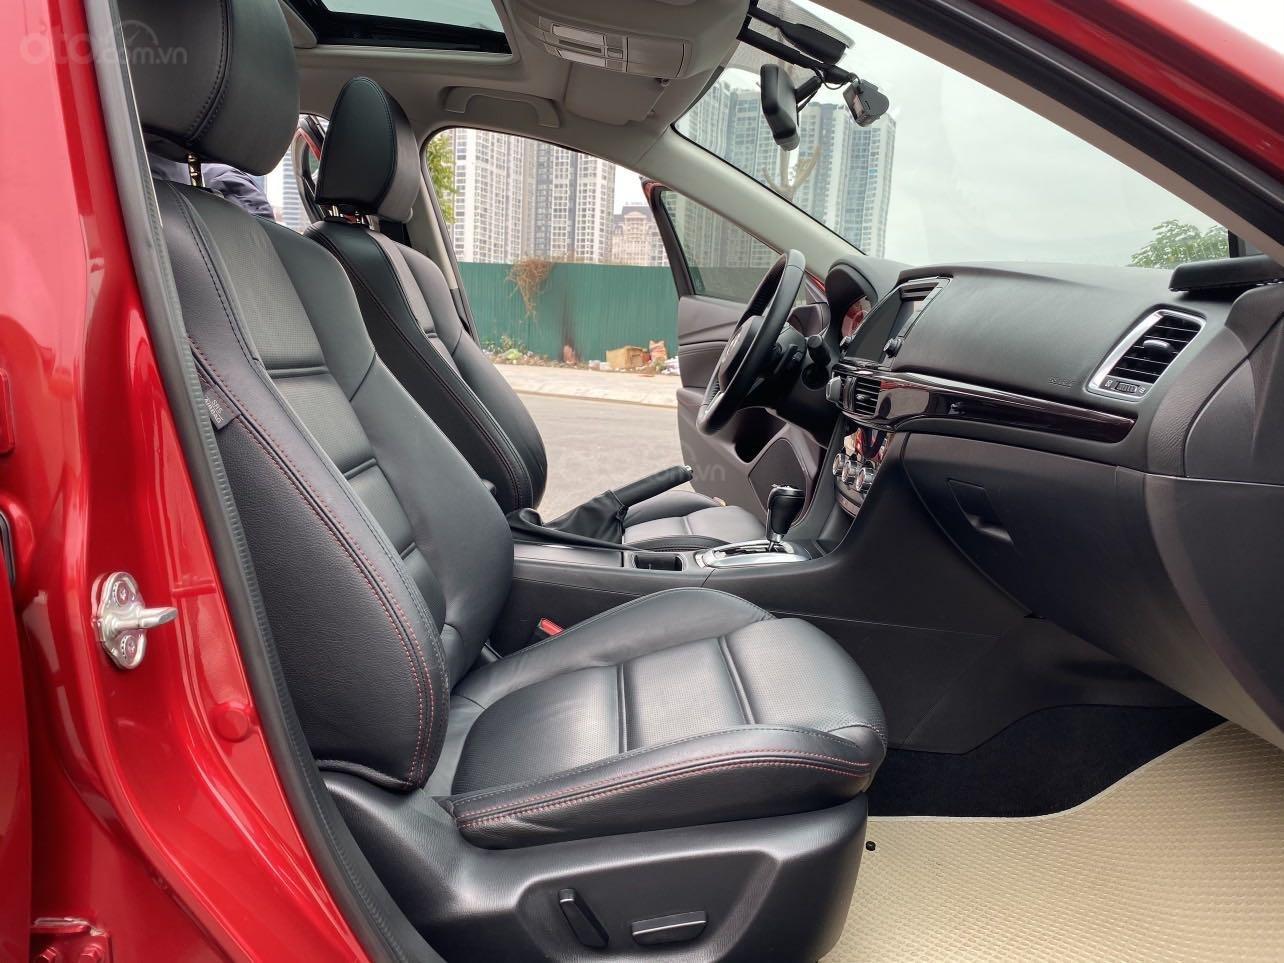 Bán nhanh chiếc Mazda 6 2.5AT 2015 chủ đi cực giữ gìn (9)